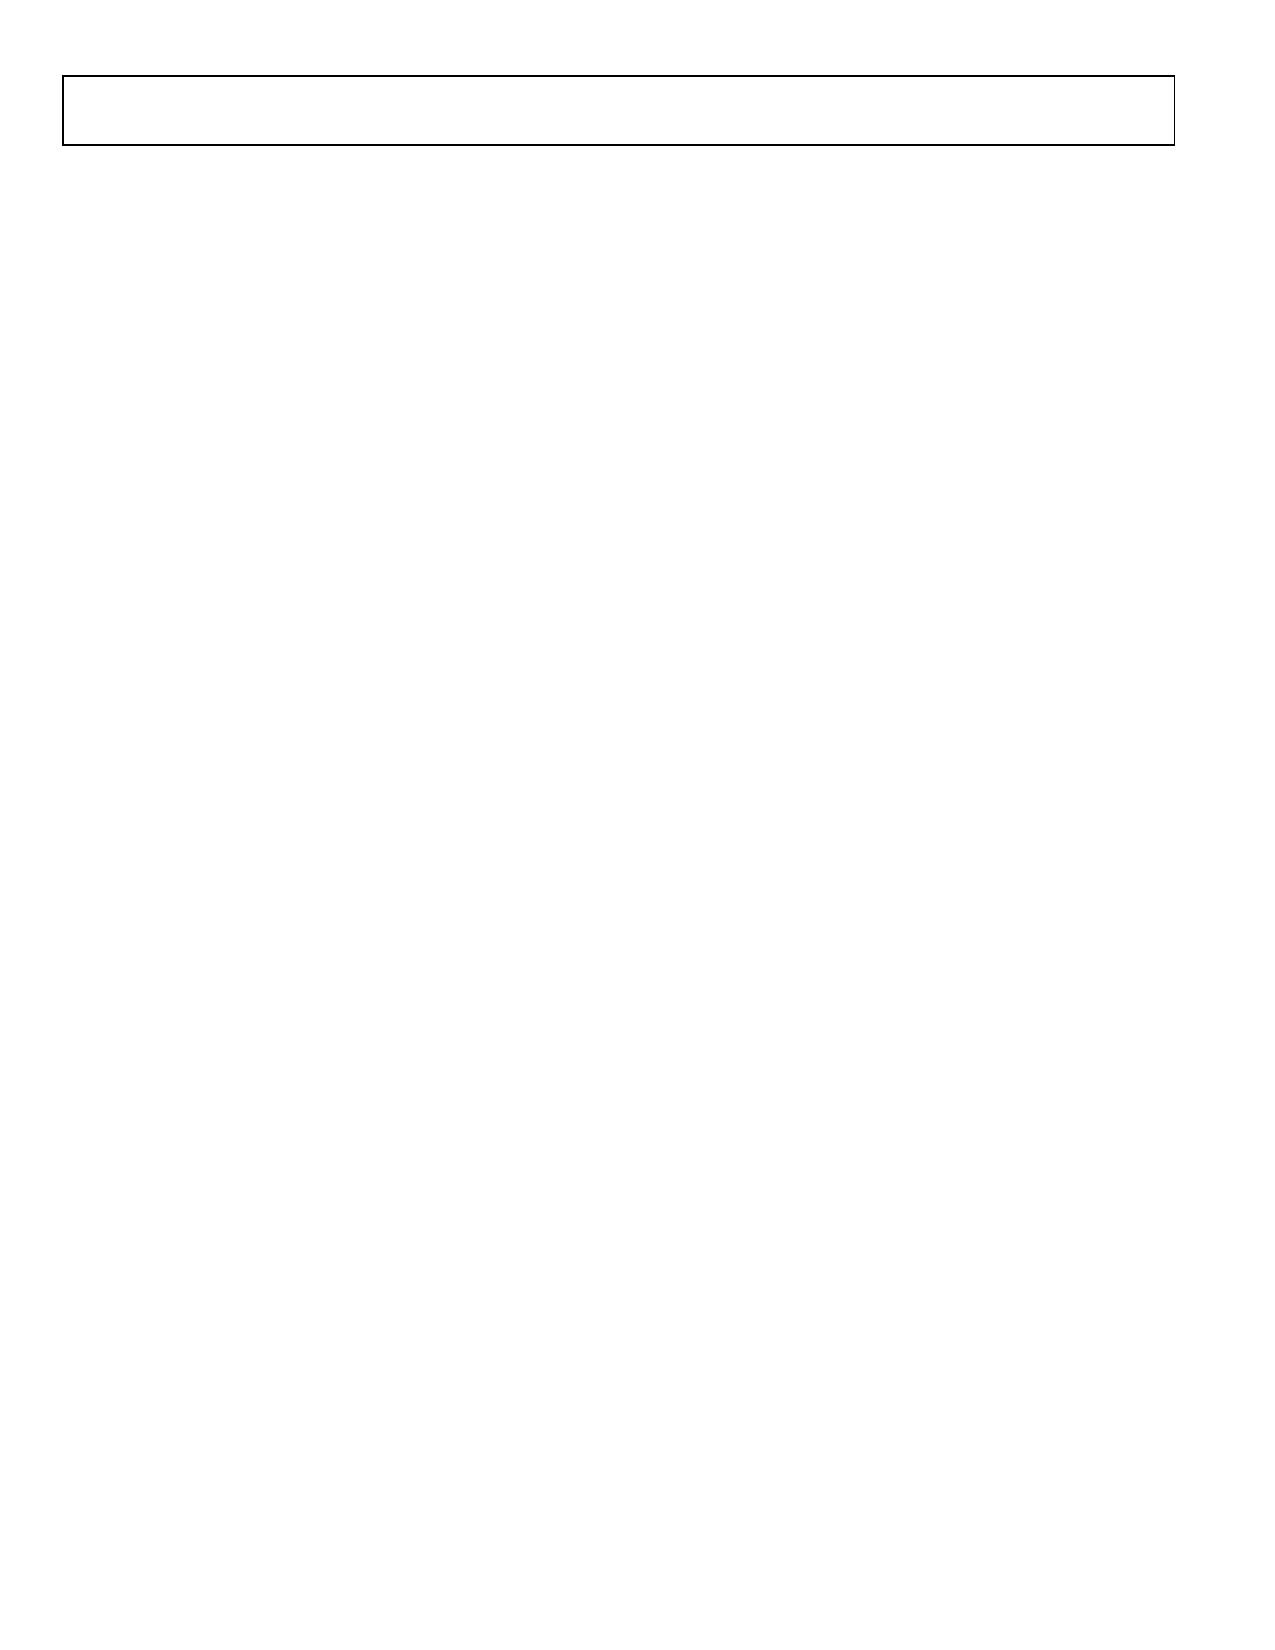 AD5161 Даташит, Описание, Даташиты